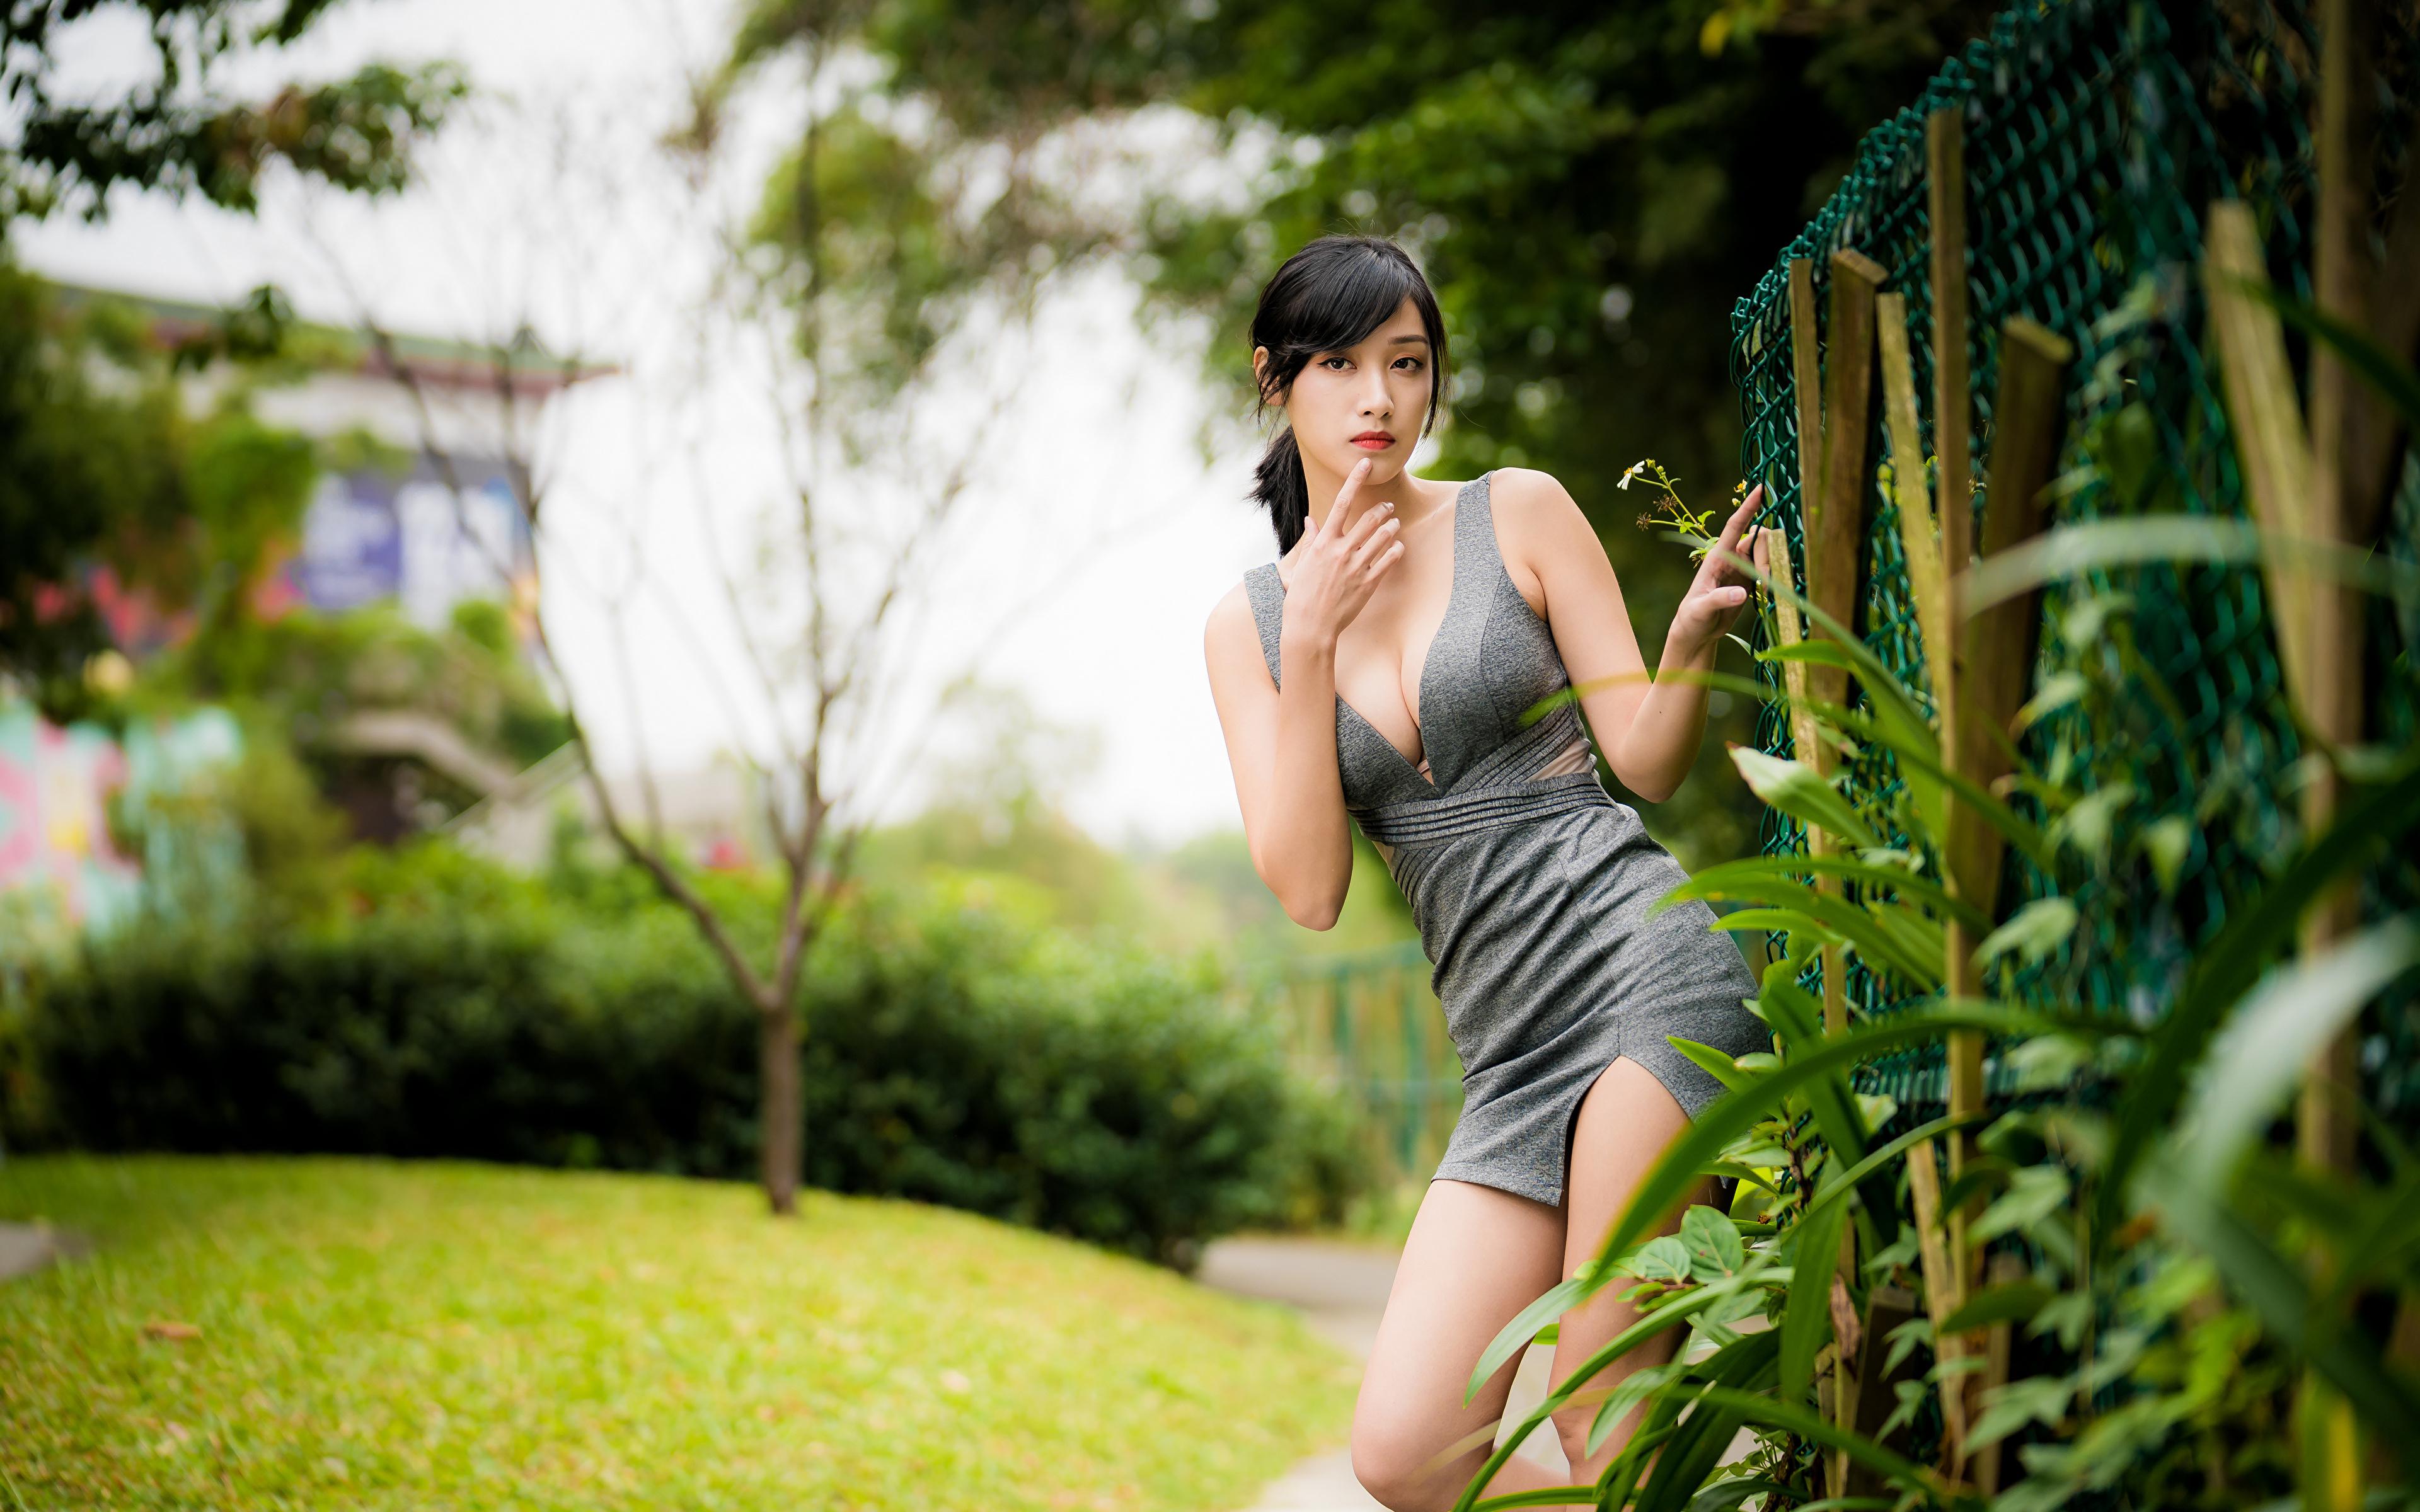 Desktop Hintergrundbilder unscharfer Hintergrund Pose dekolletee junge Frauen Asiaten Hand Starren Kleid 3840x2400 Bokeh posiert Dekolleté Mädchens junge frau Asiatische asiatisches Blick